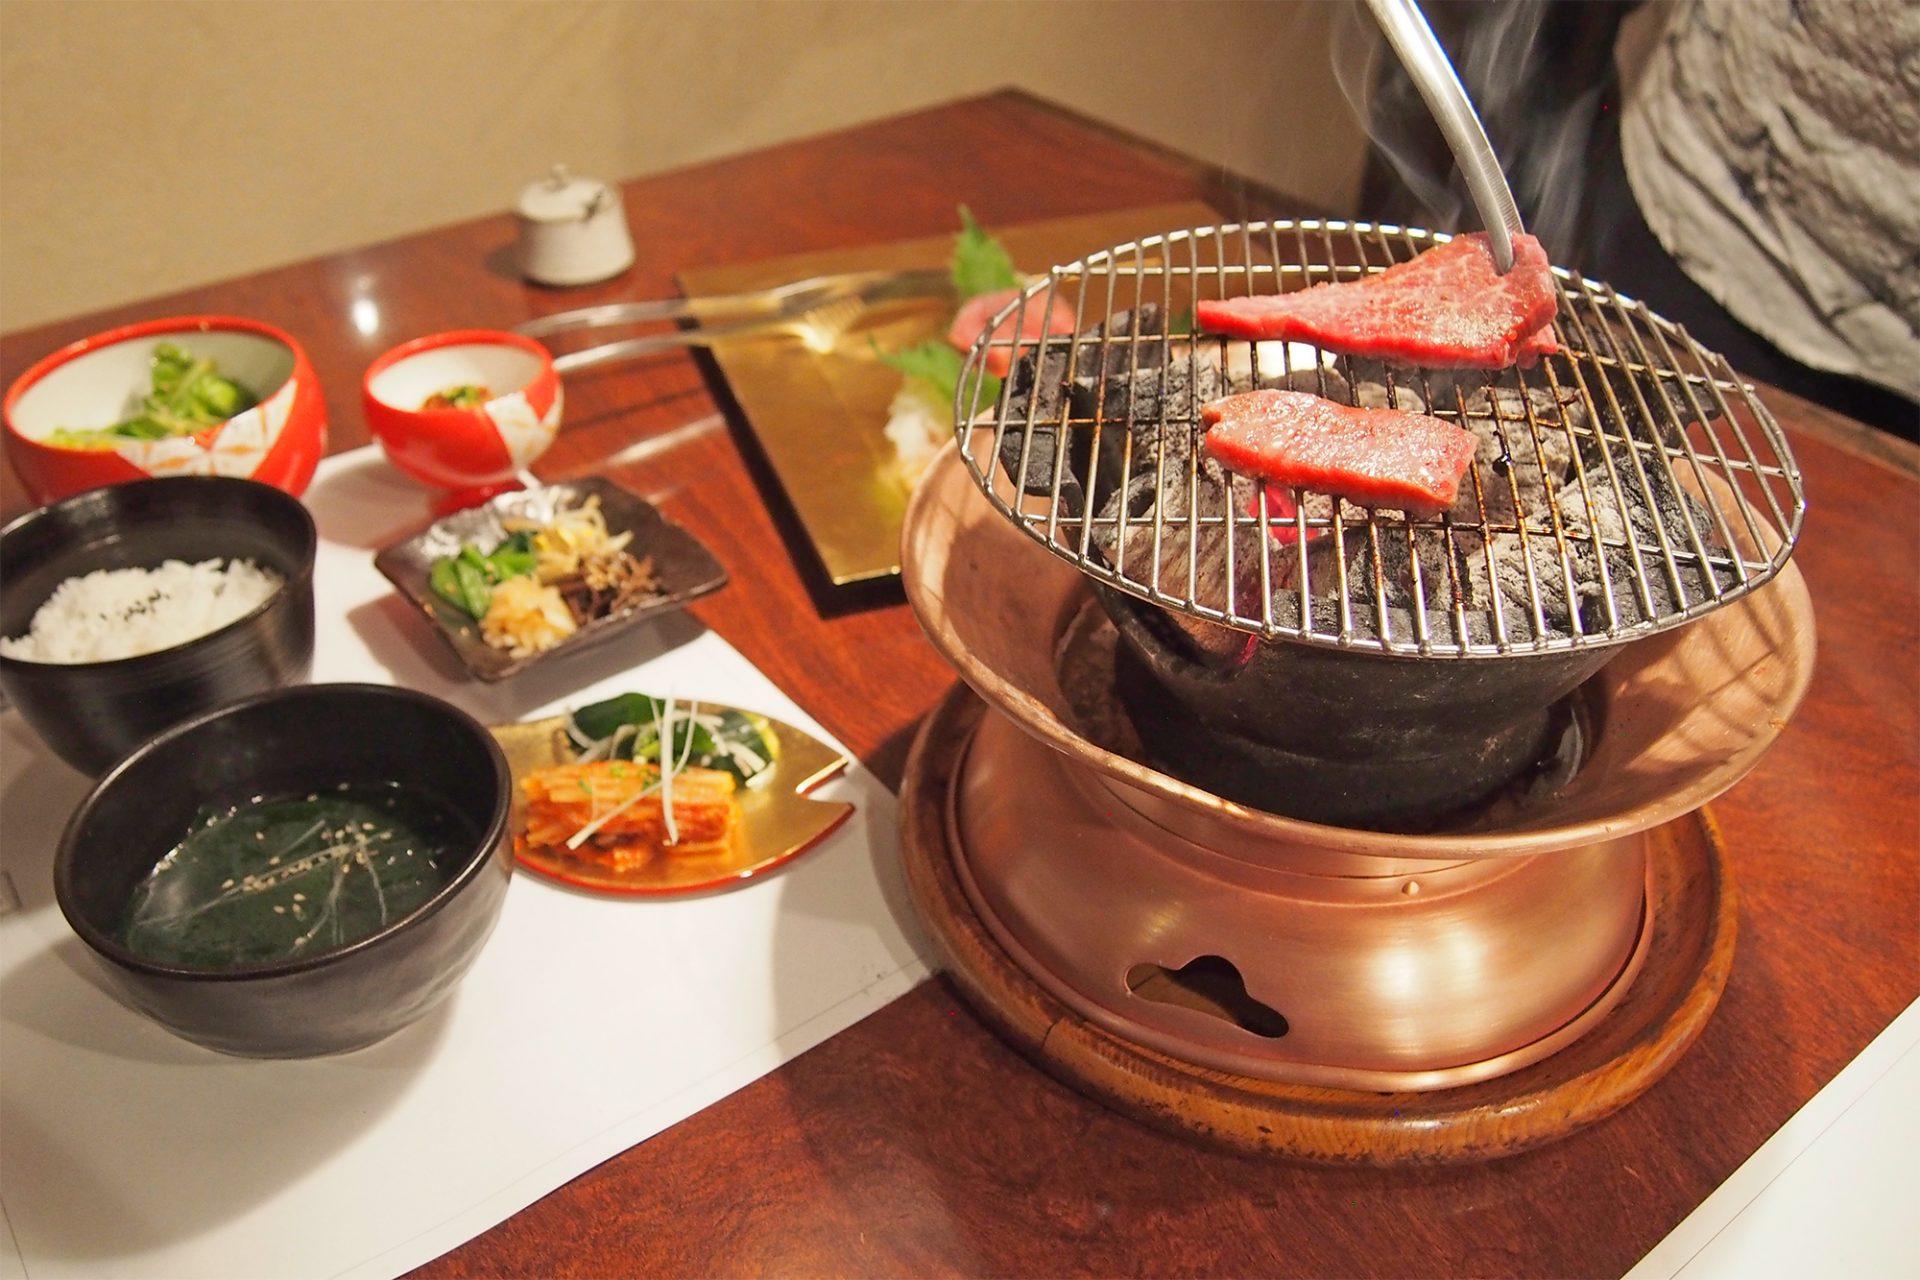 優雅な個室で美味しいお肉!那覇市「牛皇」でいただく贅沢焼肉ランチ